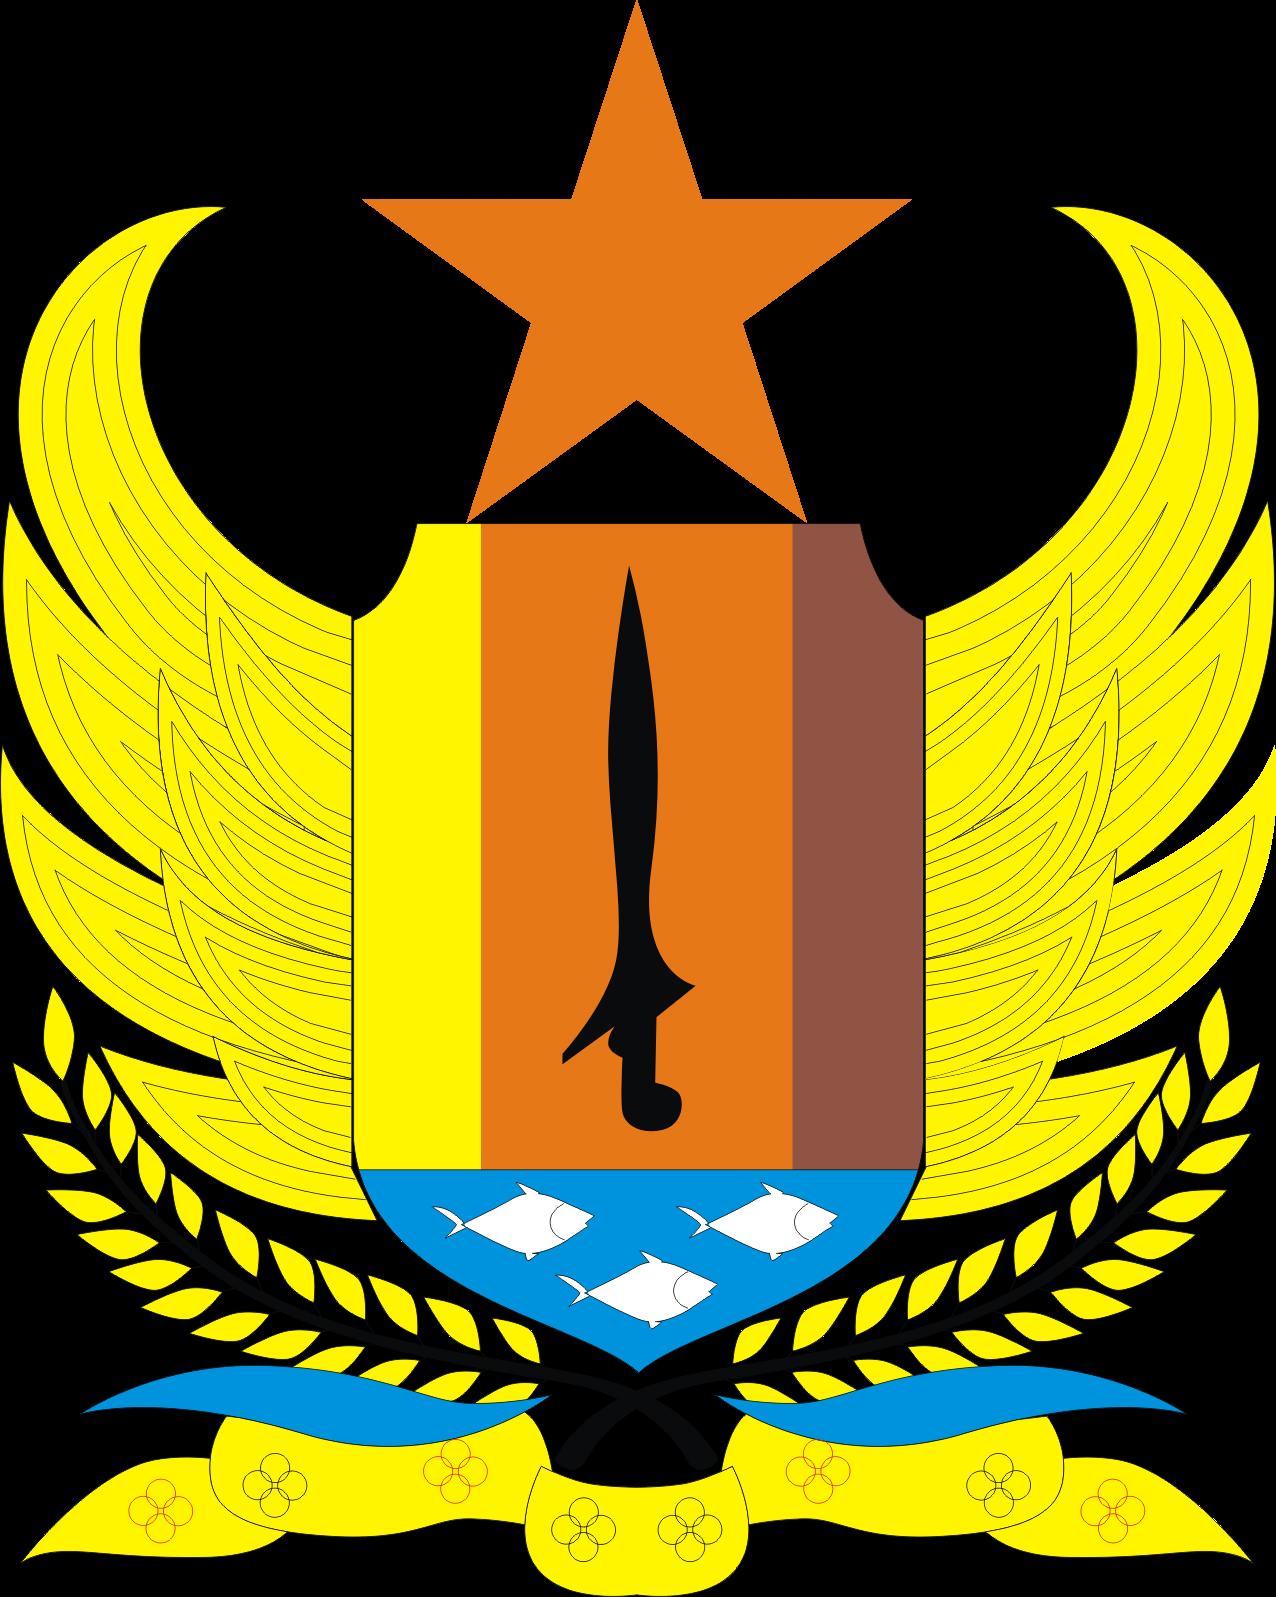 Logo Kabupaten Pekalongan Png : kabupaten, pekalongan, Pekalongan, Kumpulan, Lambang, Indonesia